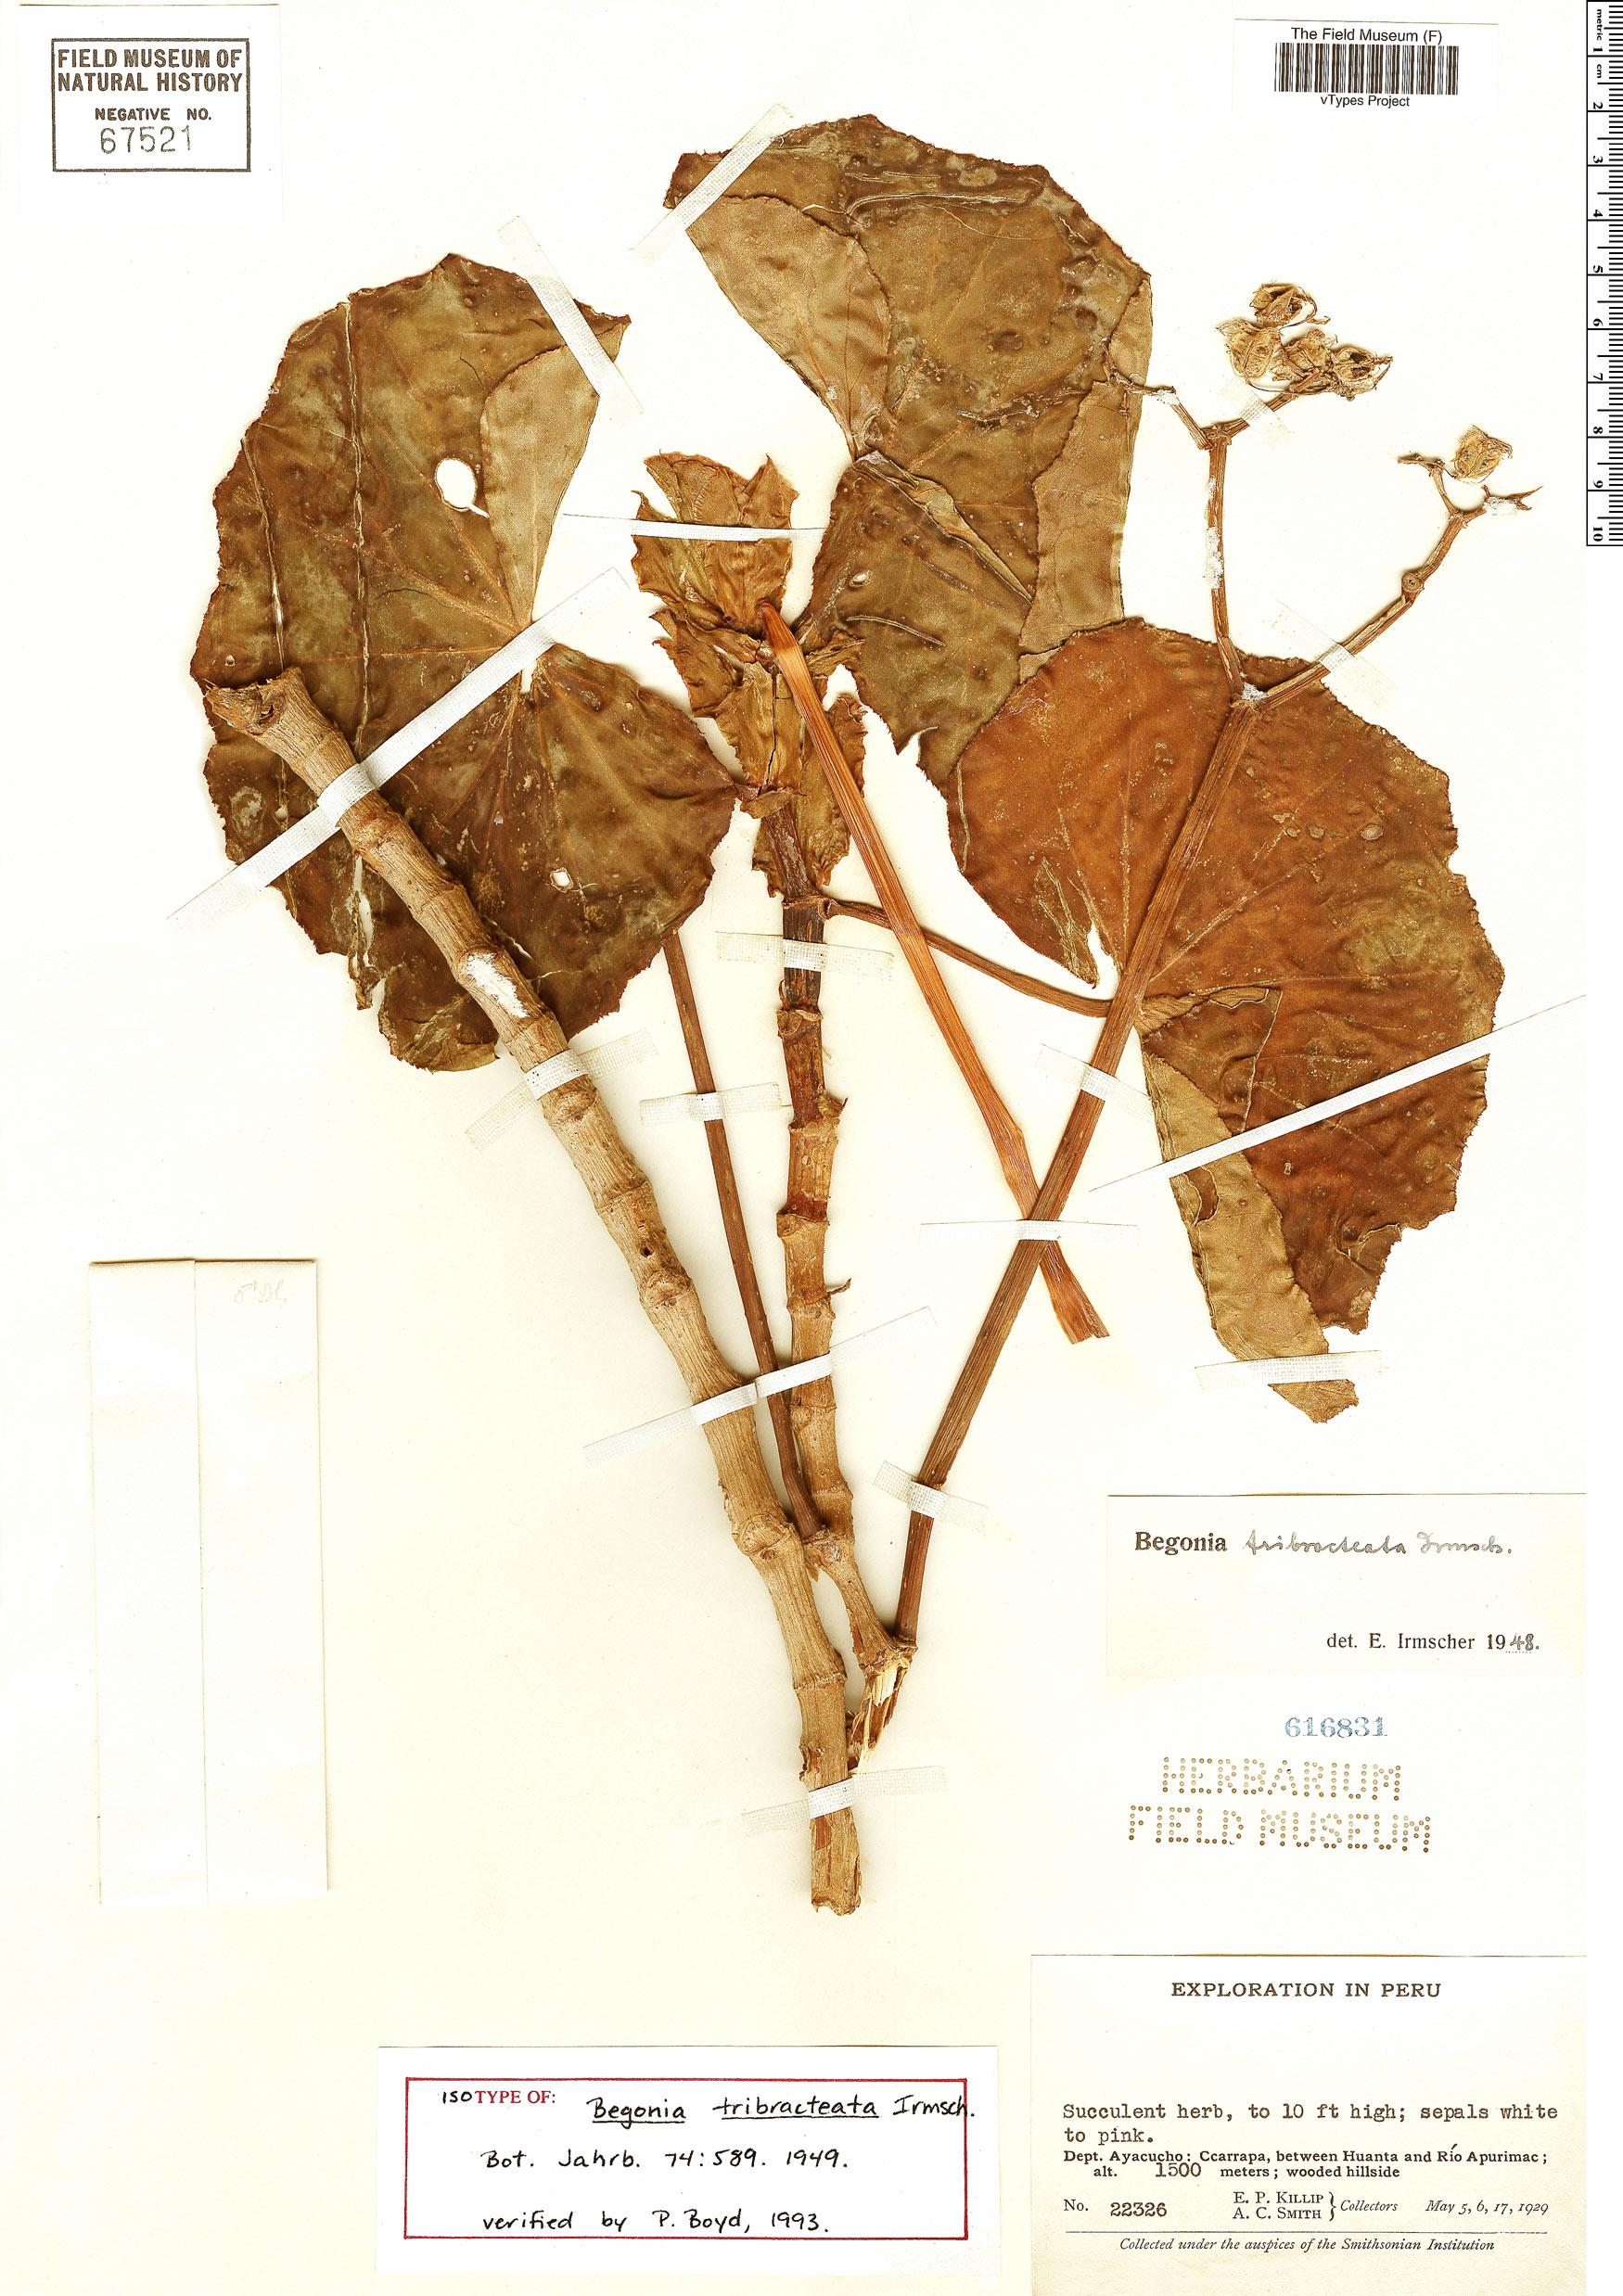 Specimen: Begonia tribracteata